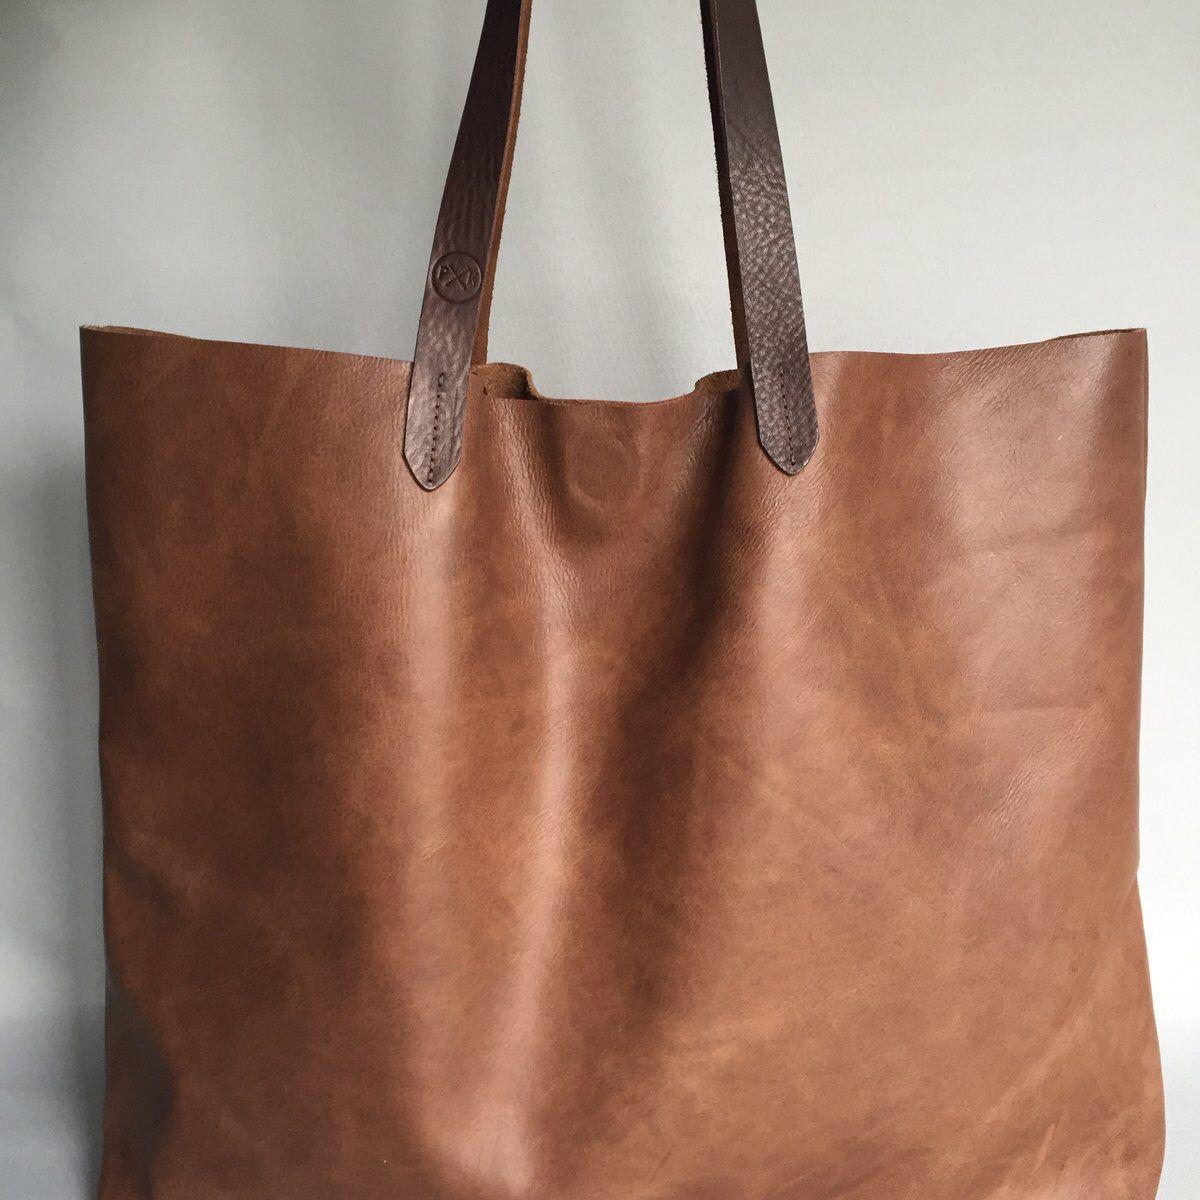 Soft Brown Vintage Distressed Leather Tote Bag 120 Pkirkwood